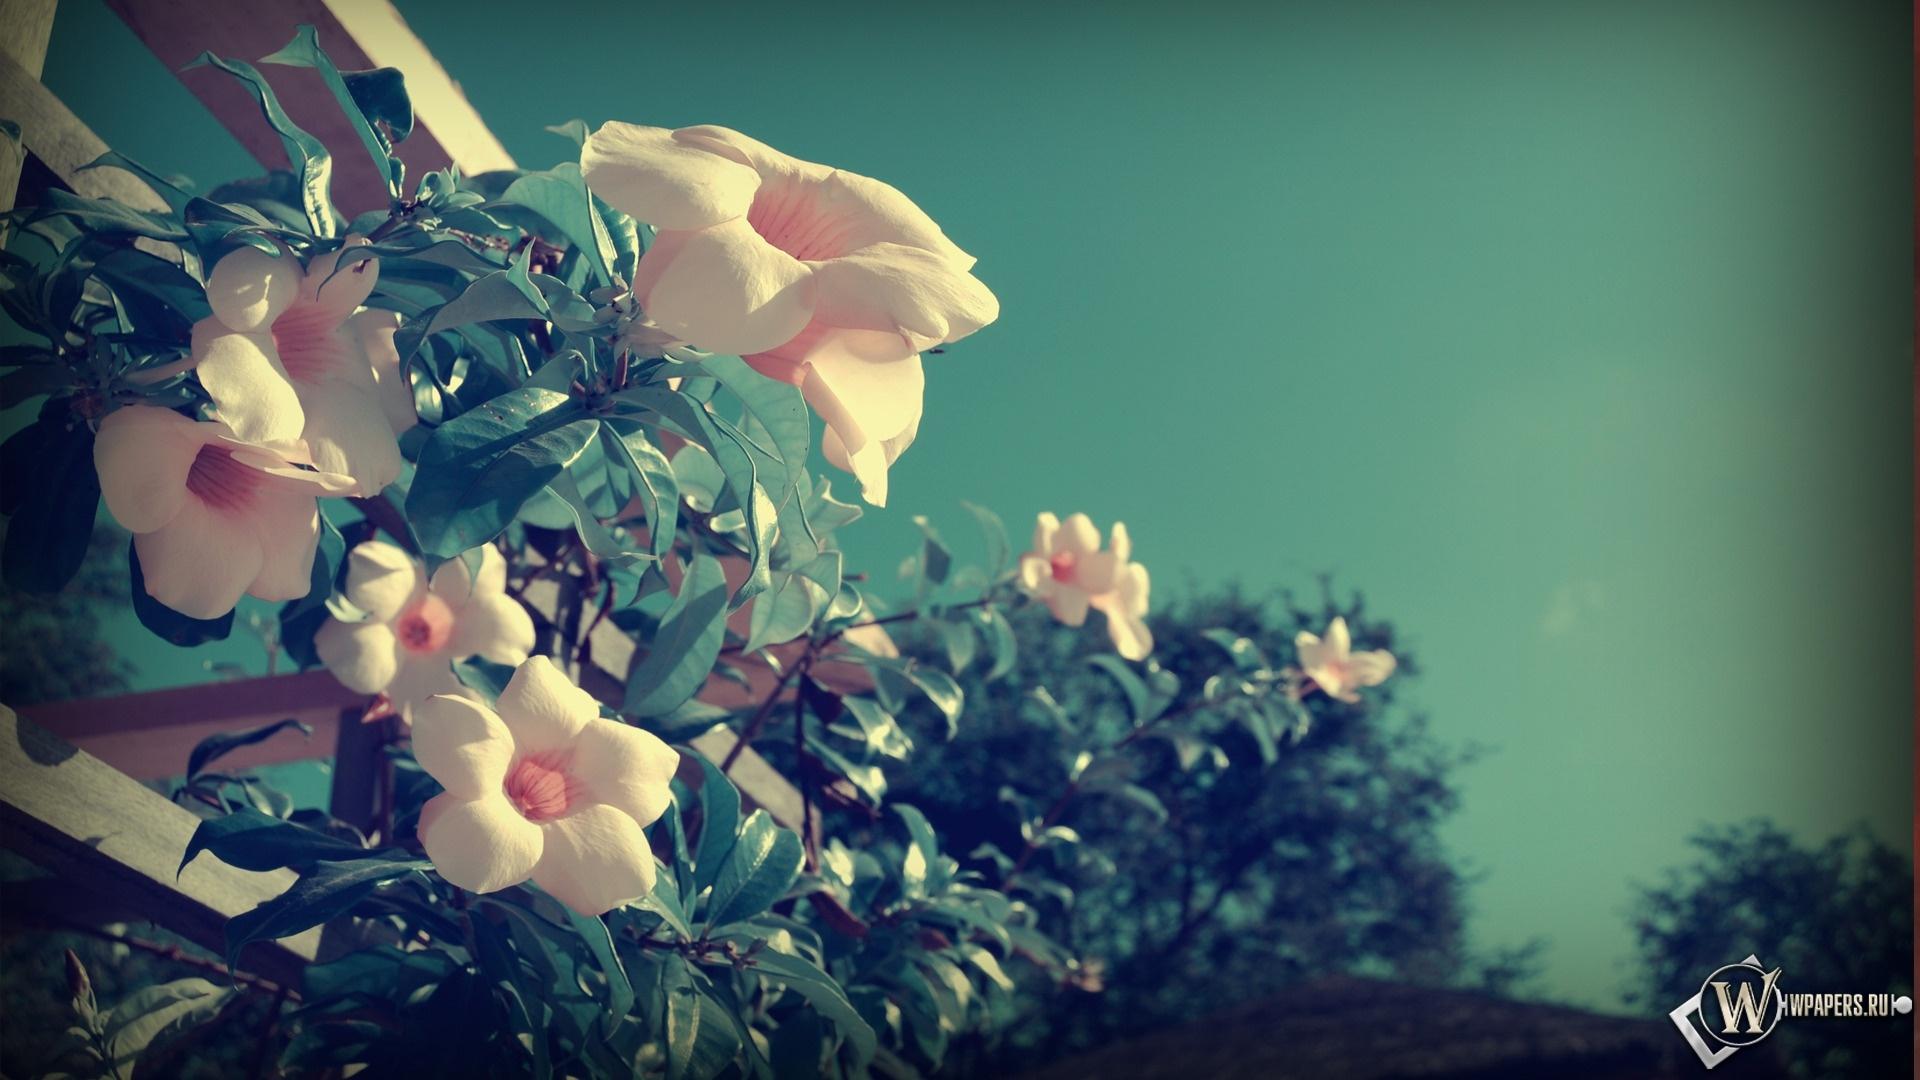 Балконные цветы 1920x1080